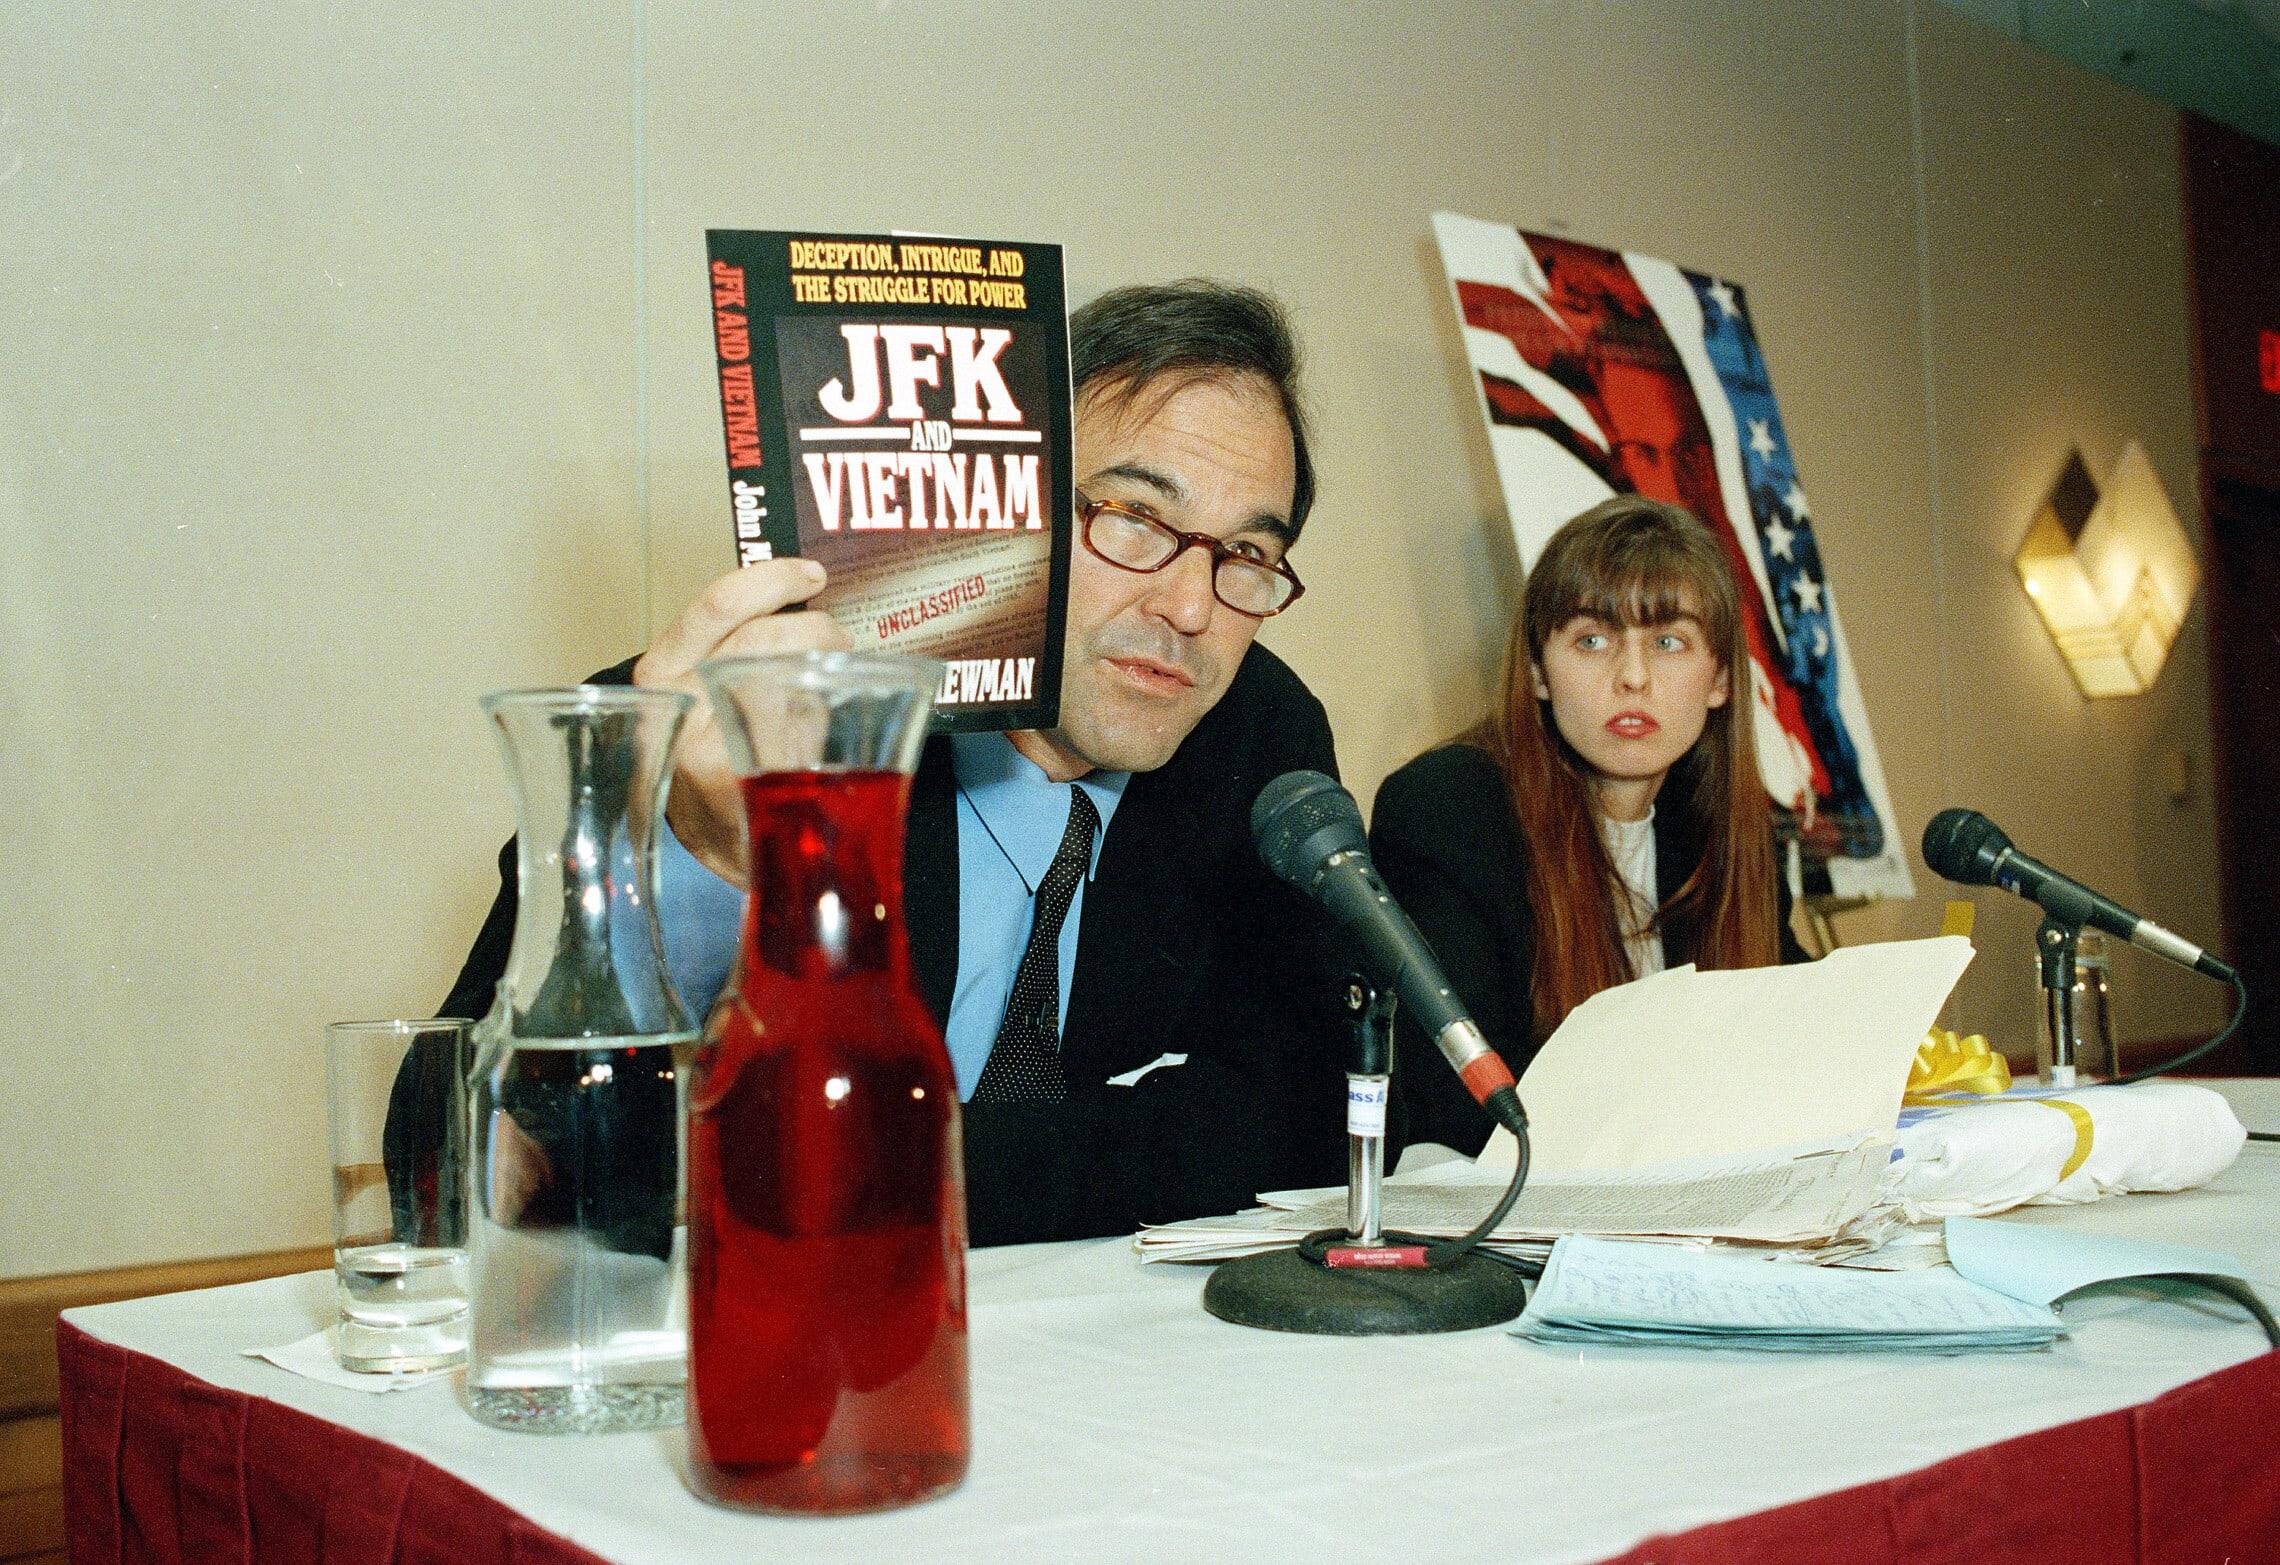 אוליבר סטון במסיבת עיתונאים אחרי צאת סרטו העלילתי JFK, 16 בינואר 1992 (צילום: AP Photo/Julie Malakie)